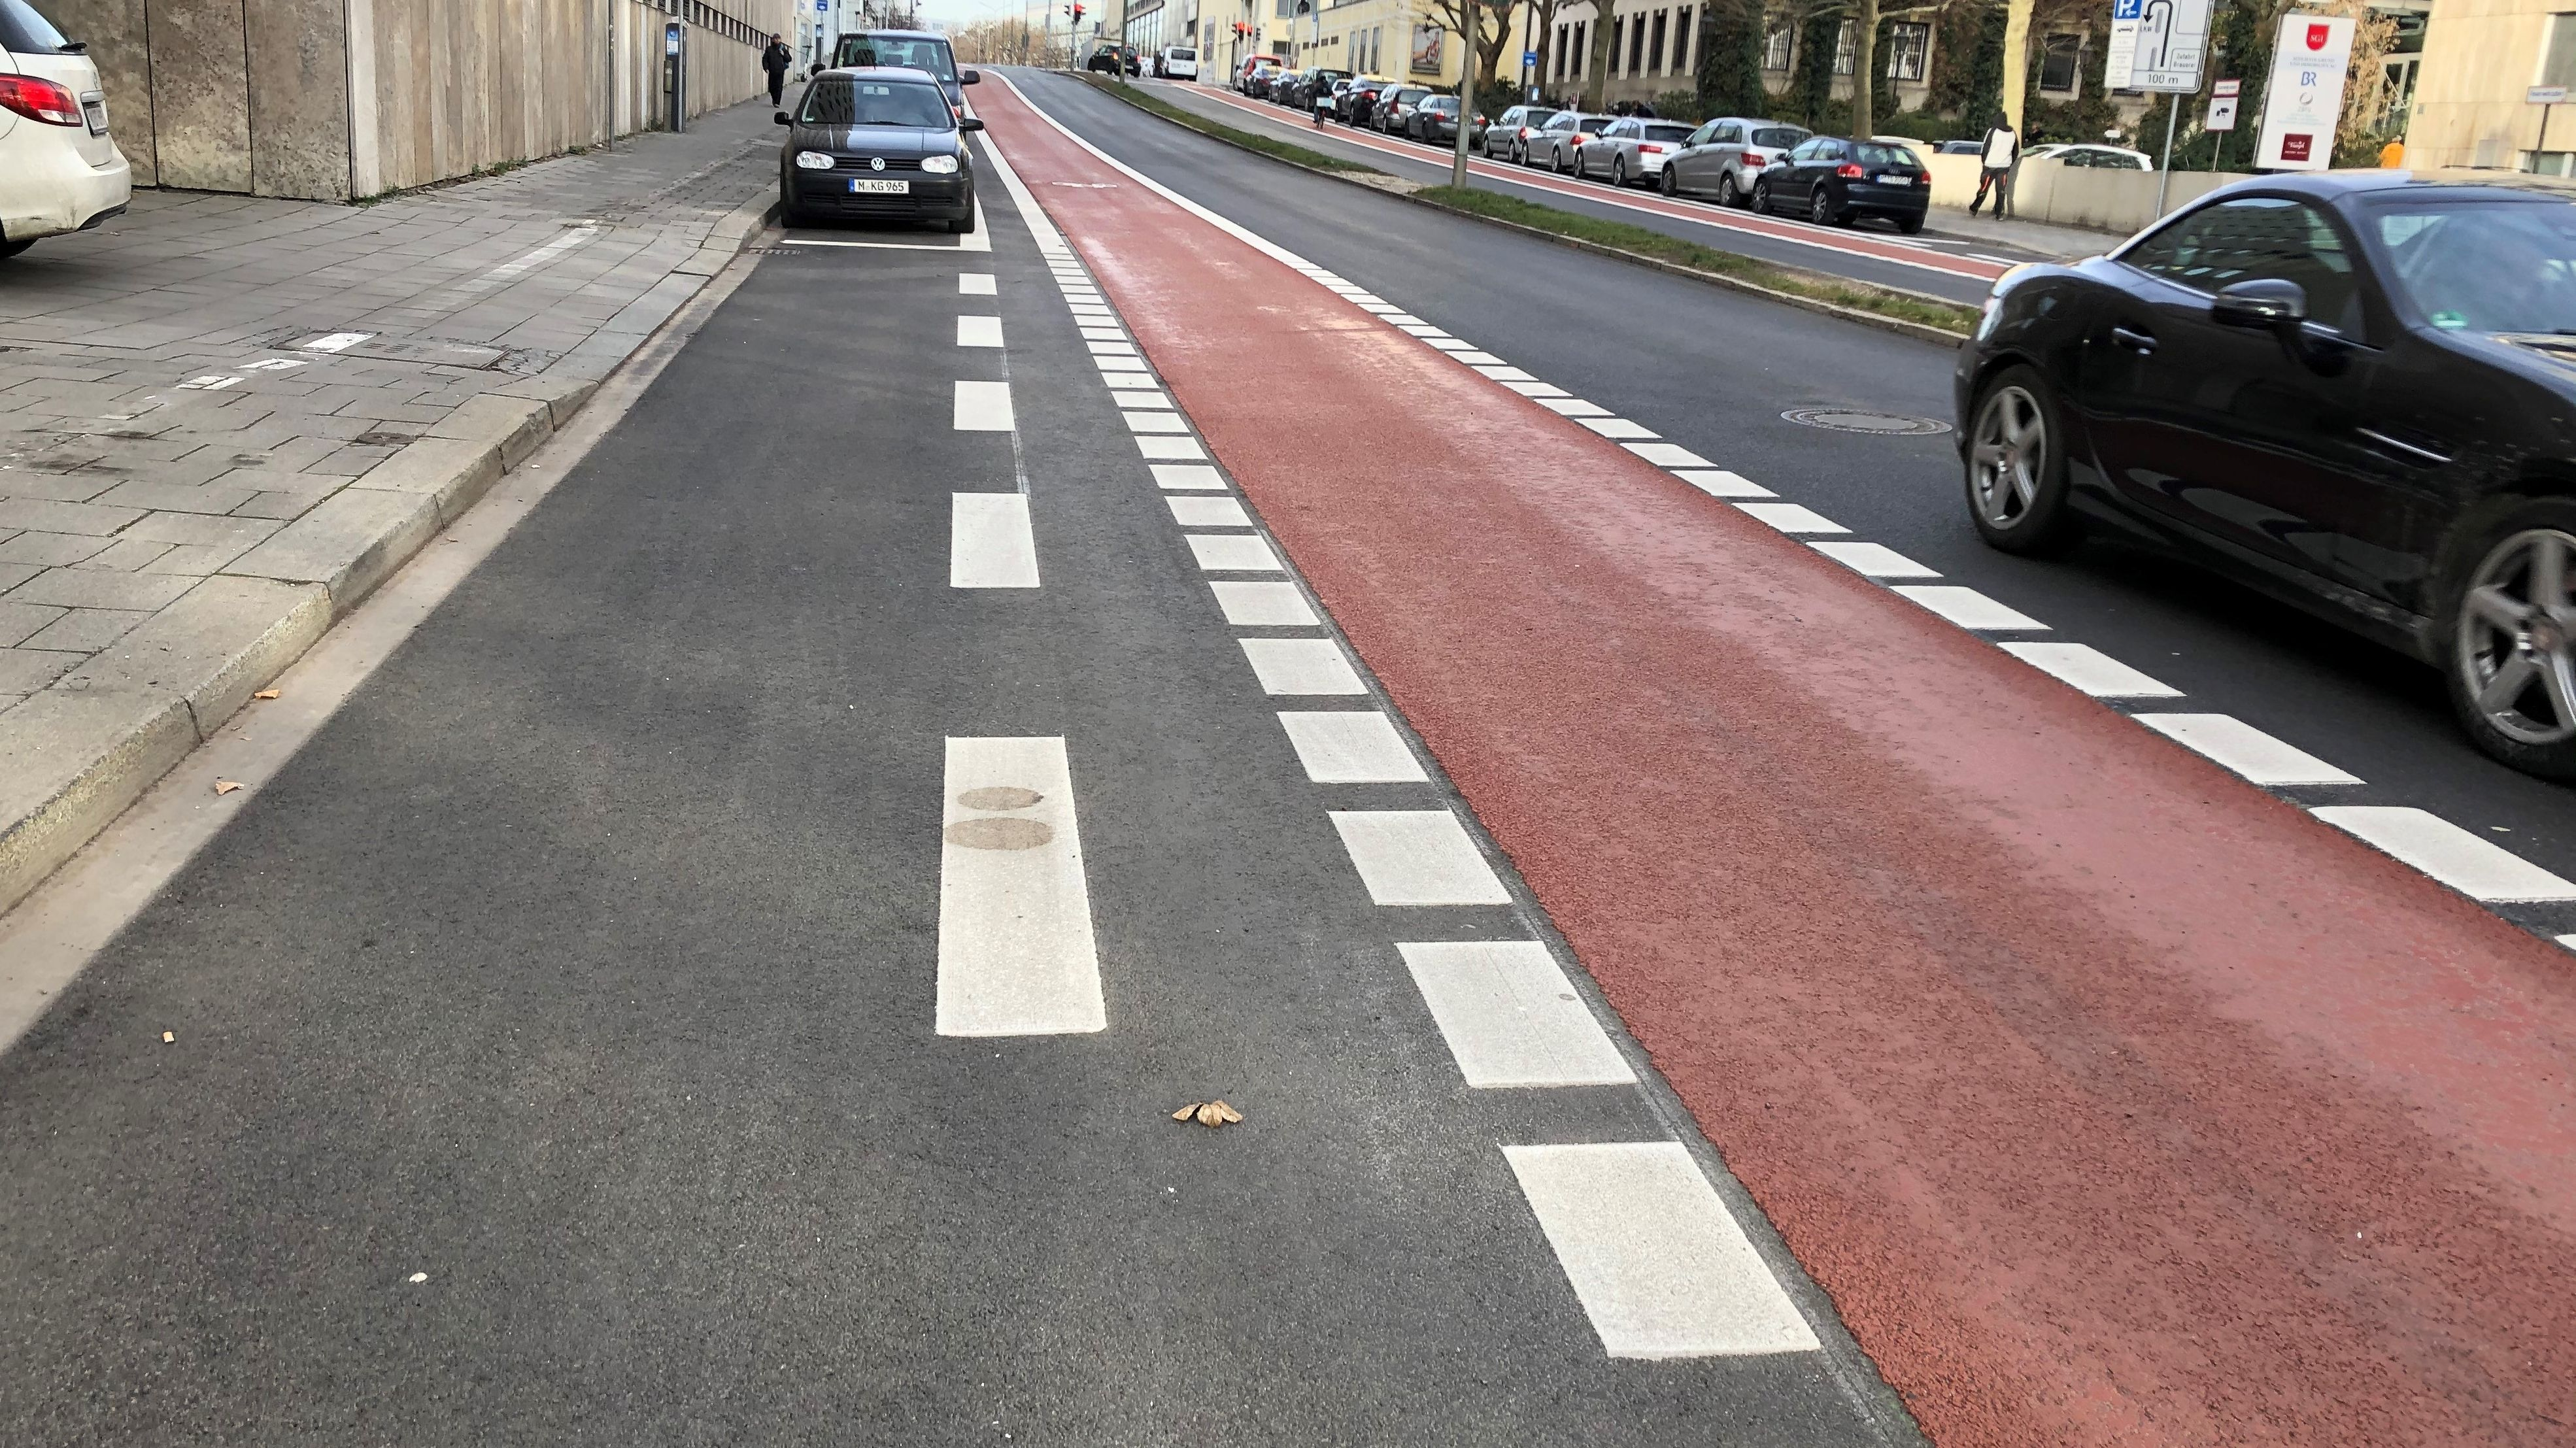 Breiter Fahrradweg - nur eine Fahrbahn für Pkw